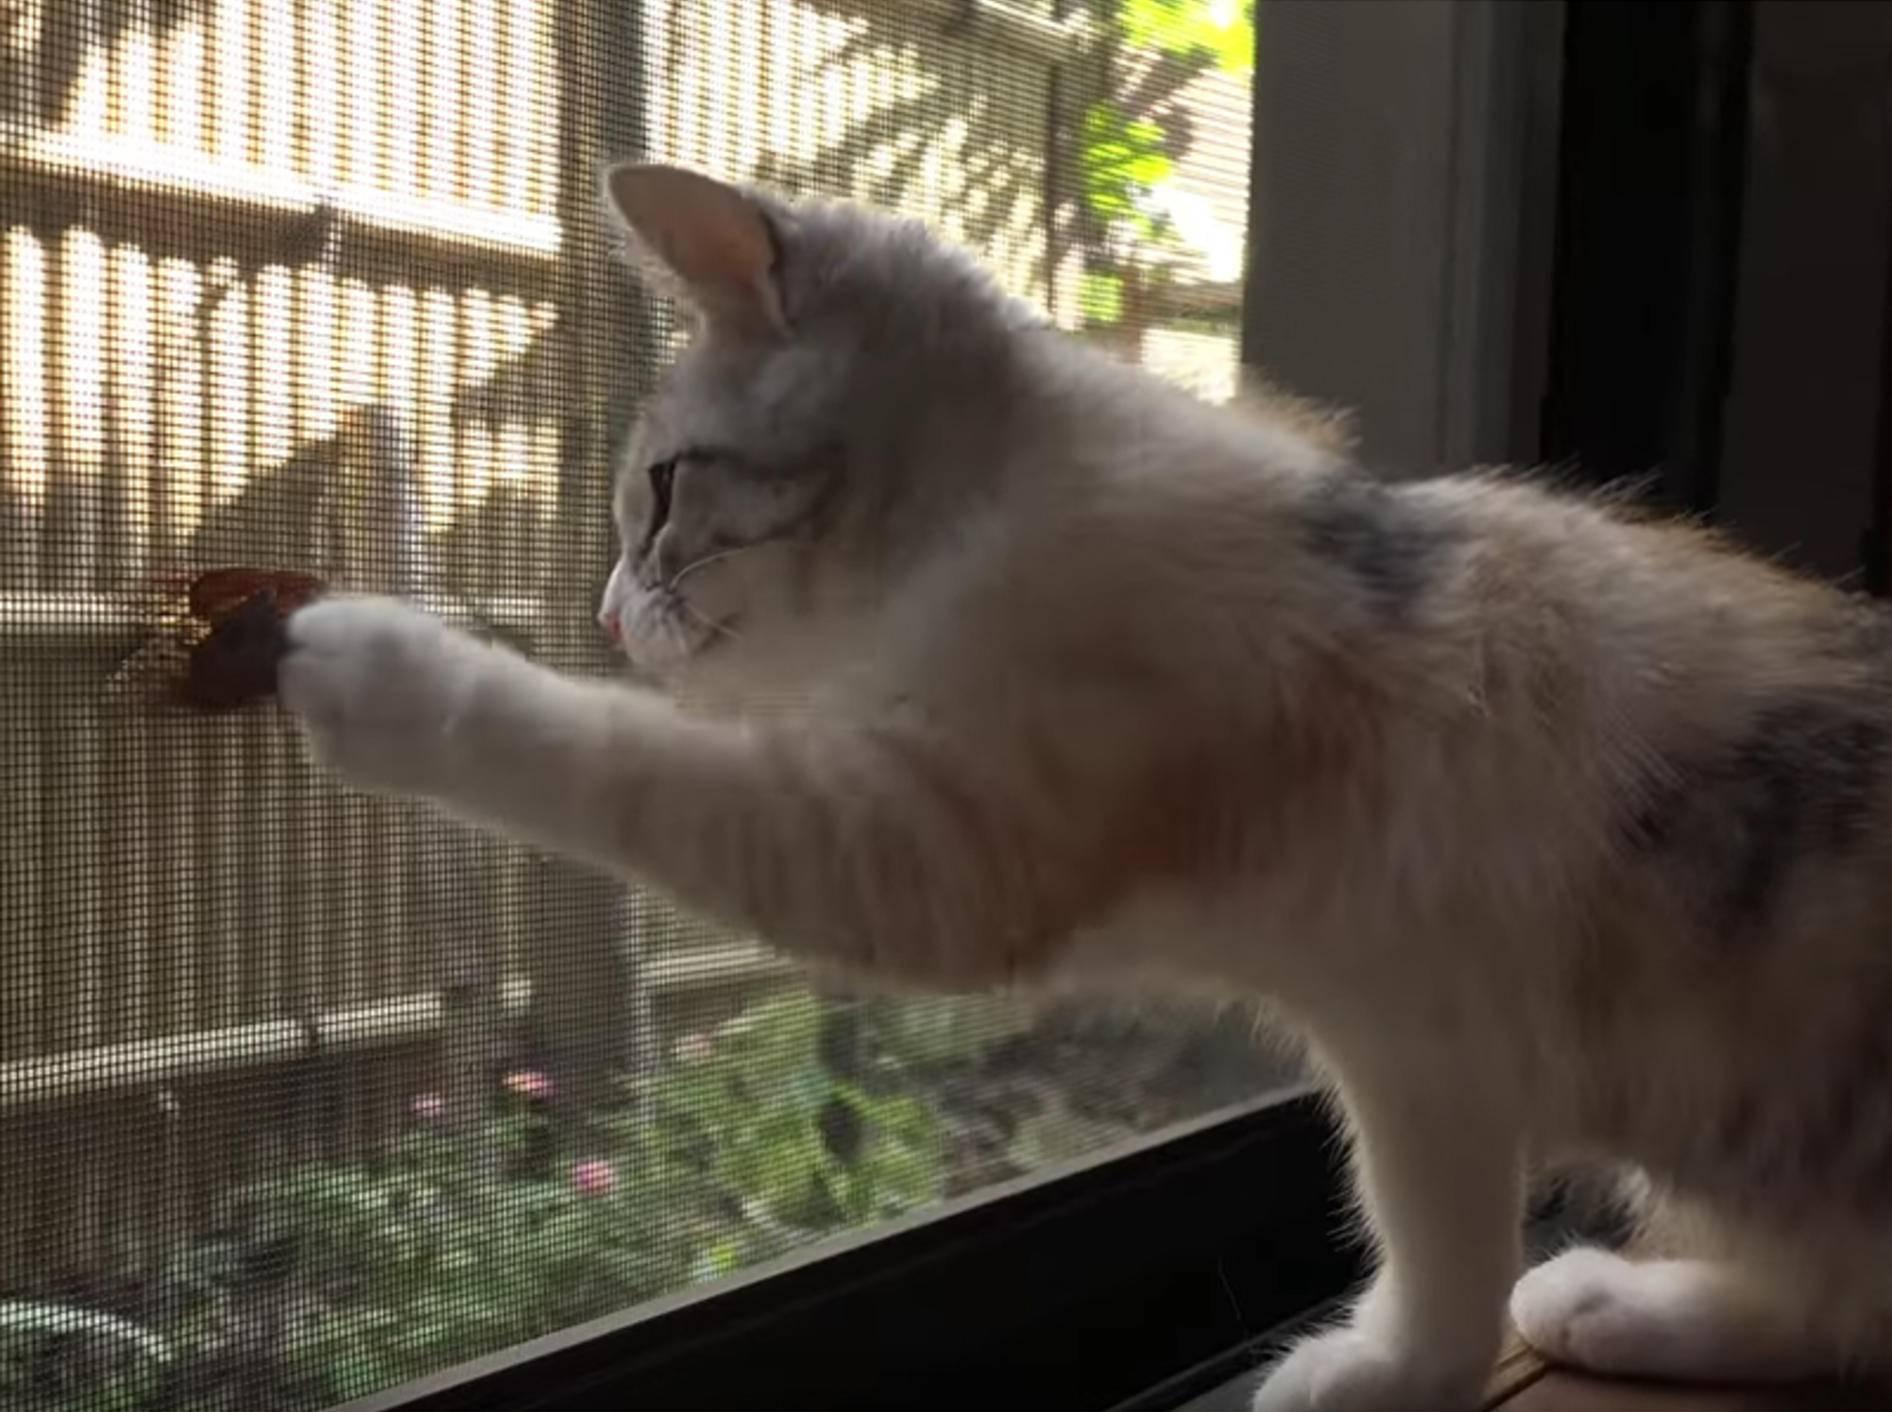 11 Katzen gehen auf Zikadenjagd – YouTube/10 Cats.